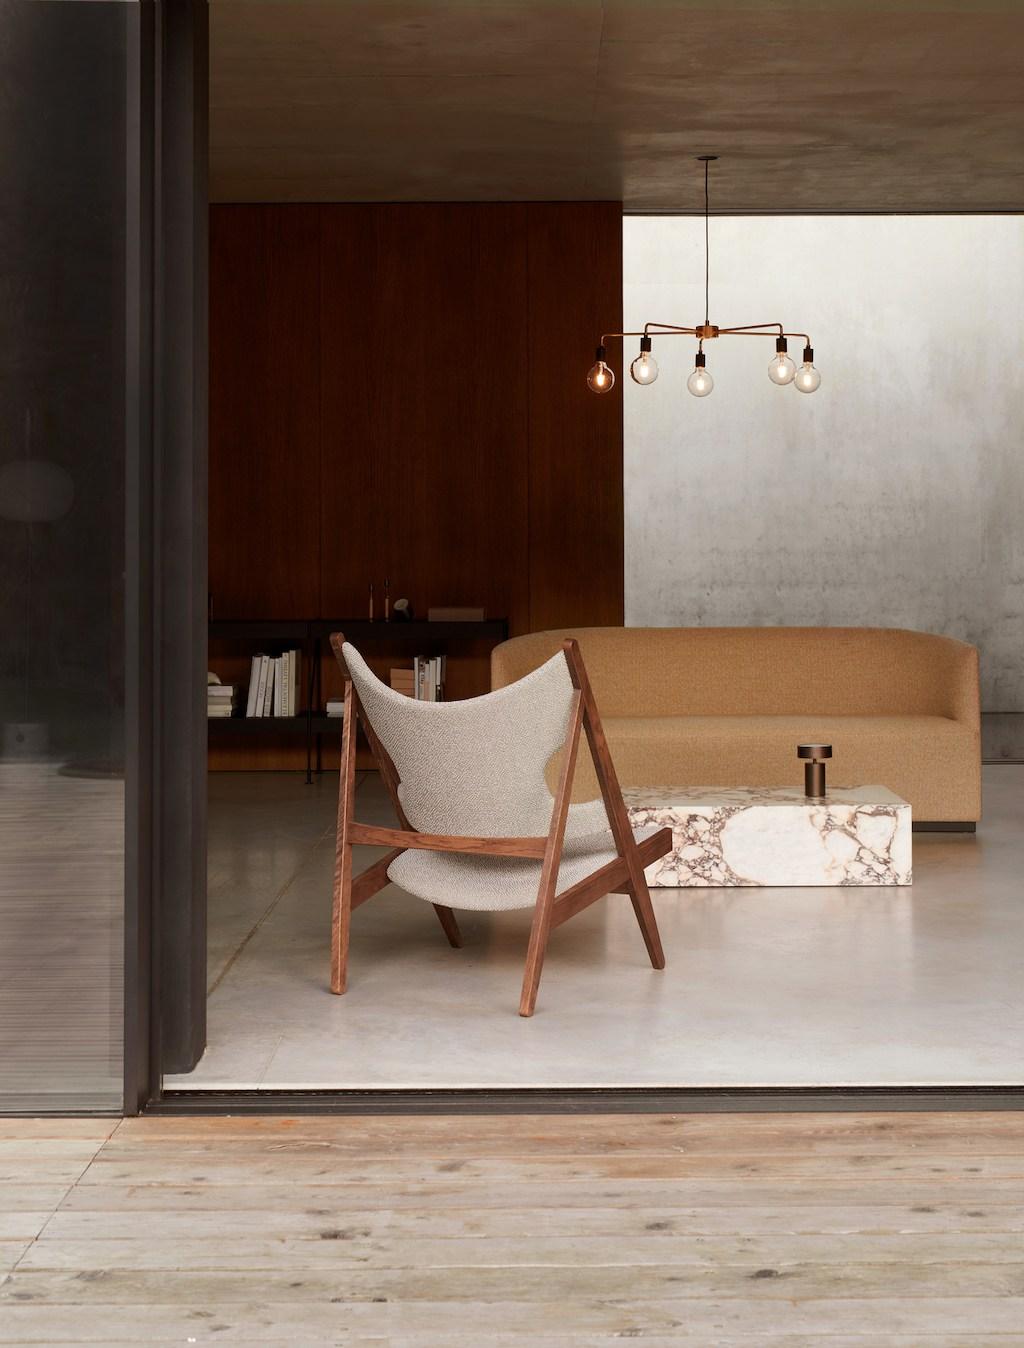 Blick von Terrasse nach drinnen auf Knitting Chair und Tearoom Sofa von Menu. Polierter Betonboden, Zwischenwand aus Teakpanelen.